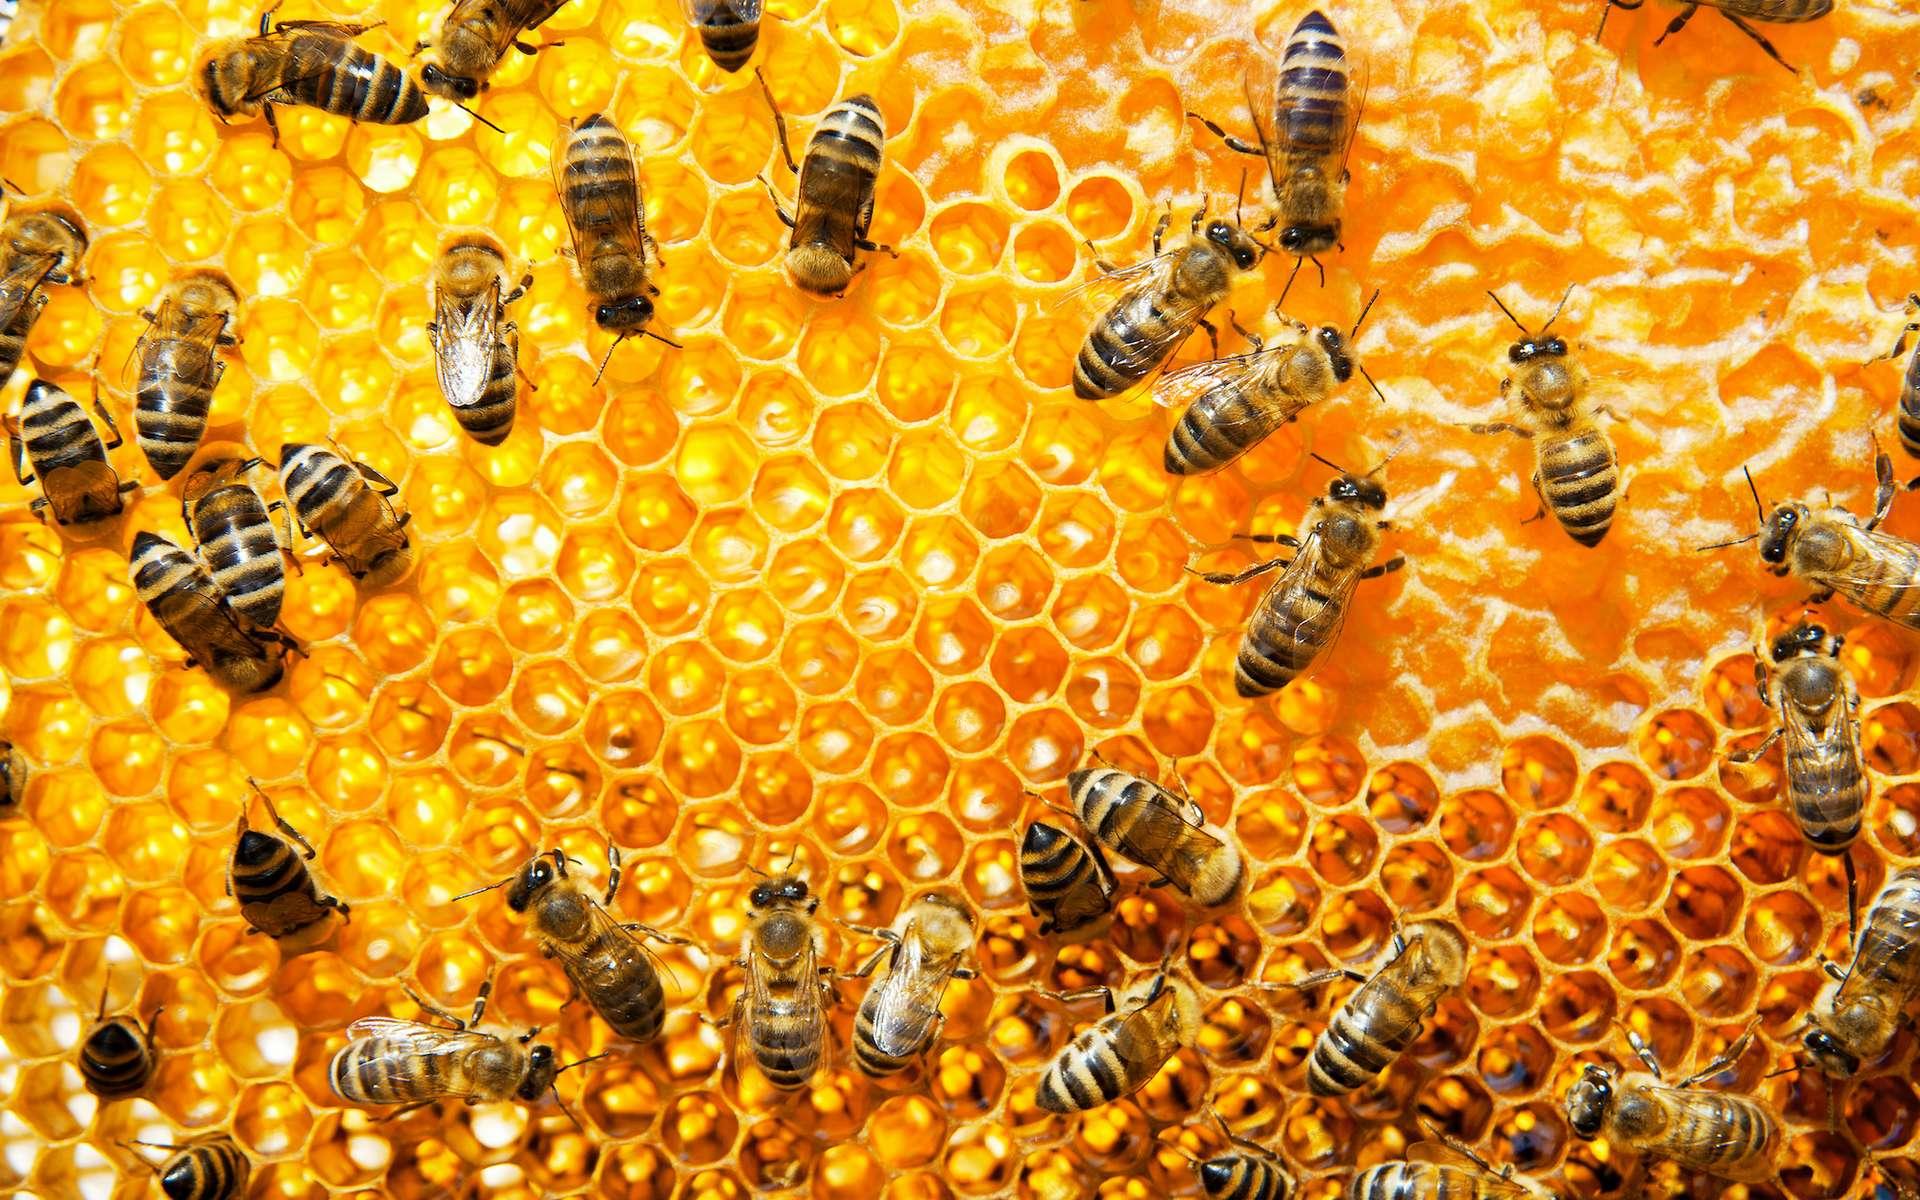 La propolis est sécrétée par les abeilles à partir de matières résineuses. © Alexstar, Adobe Stock